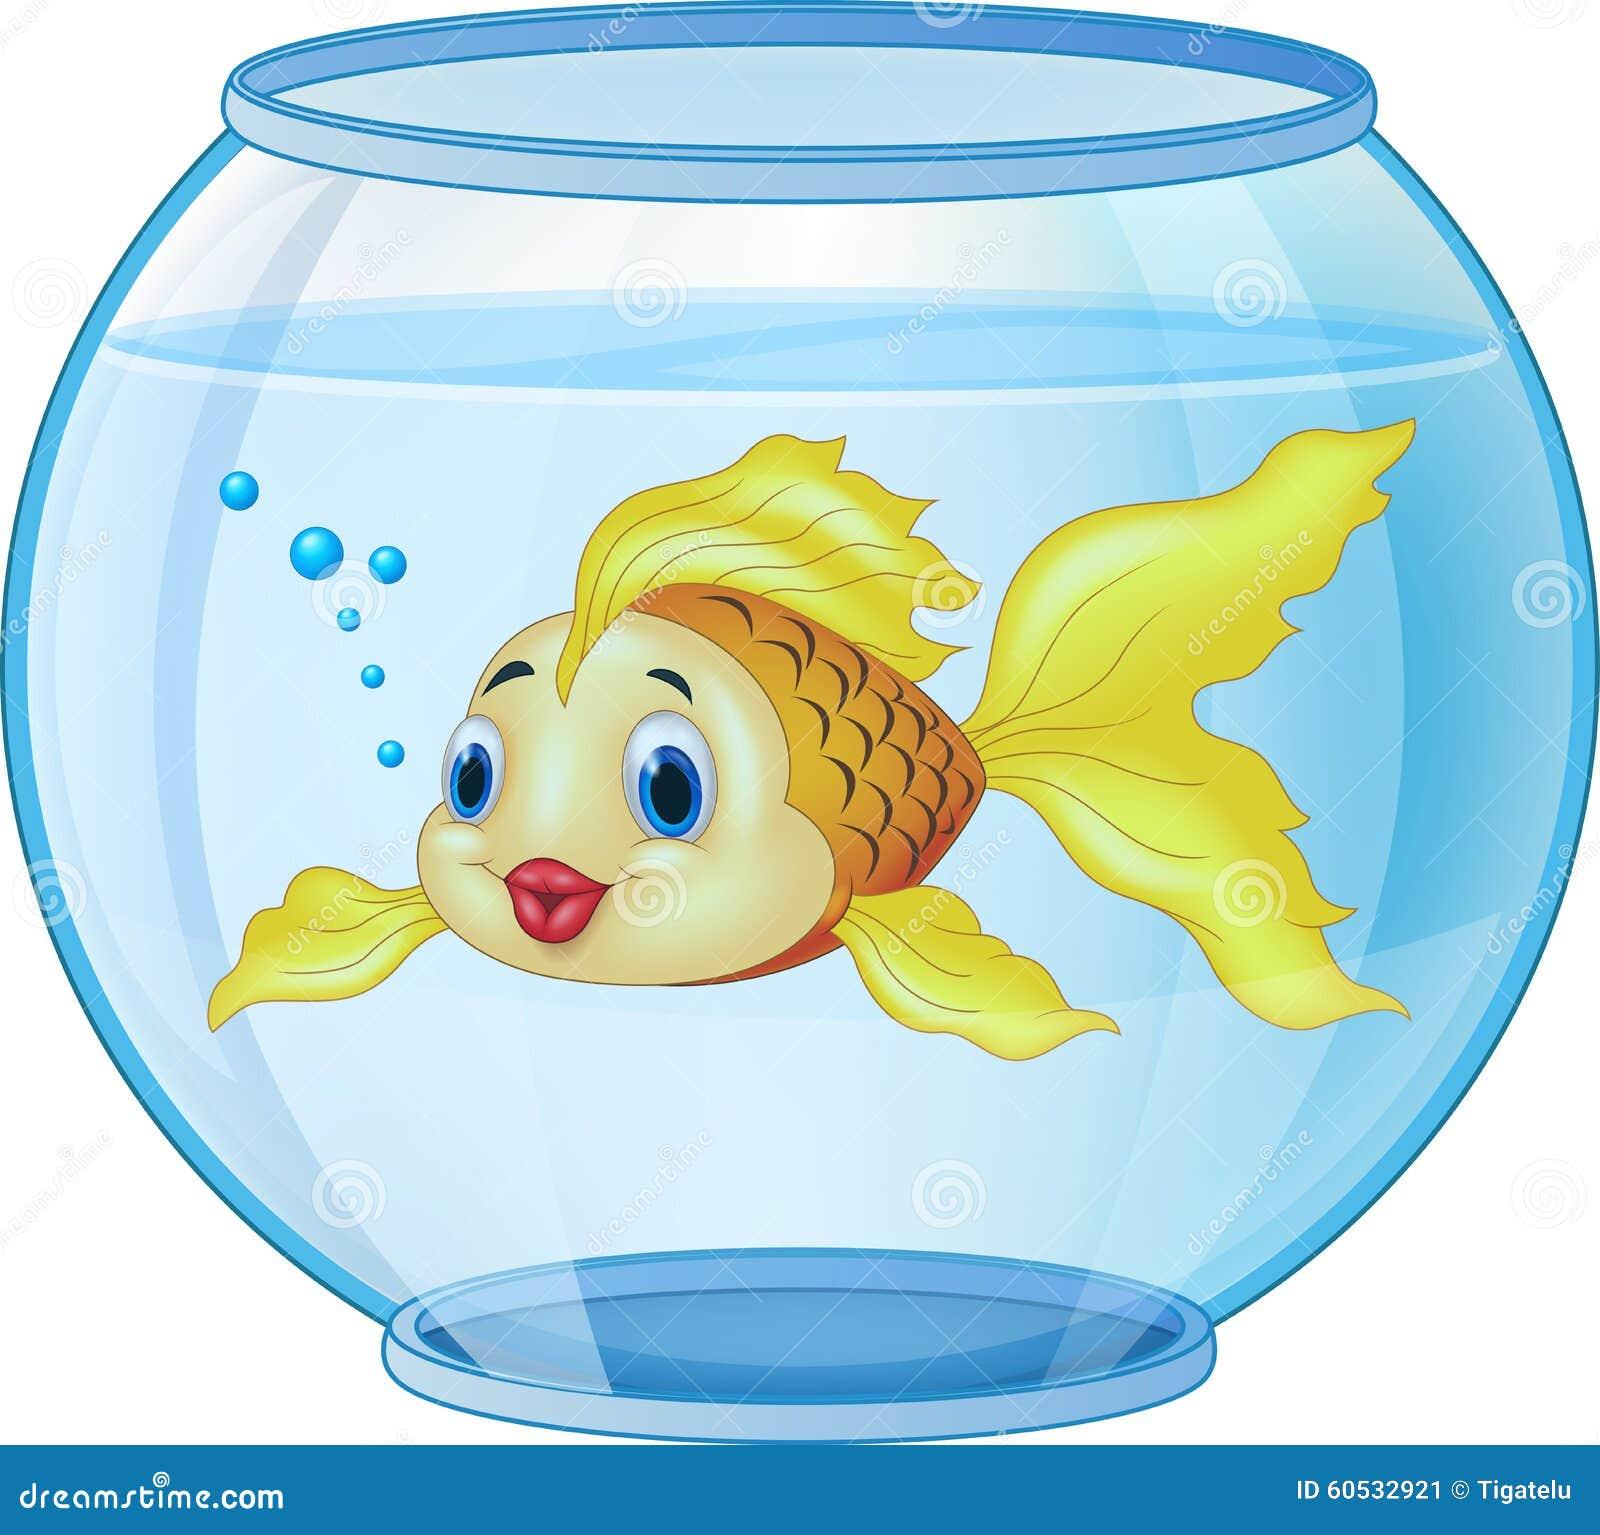 Cartoon Golden Fish In The Aquarium Stock Vector